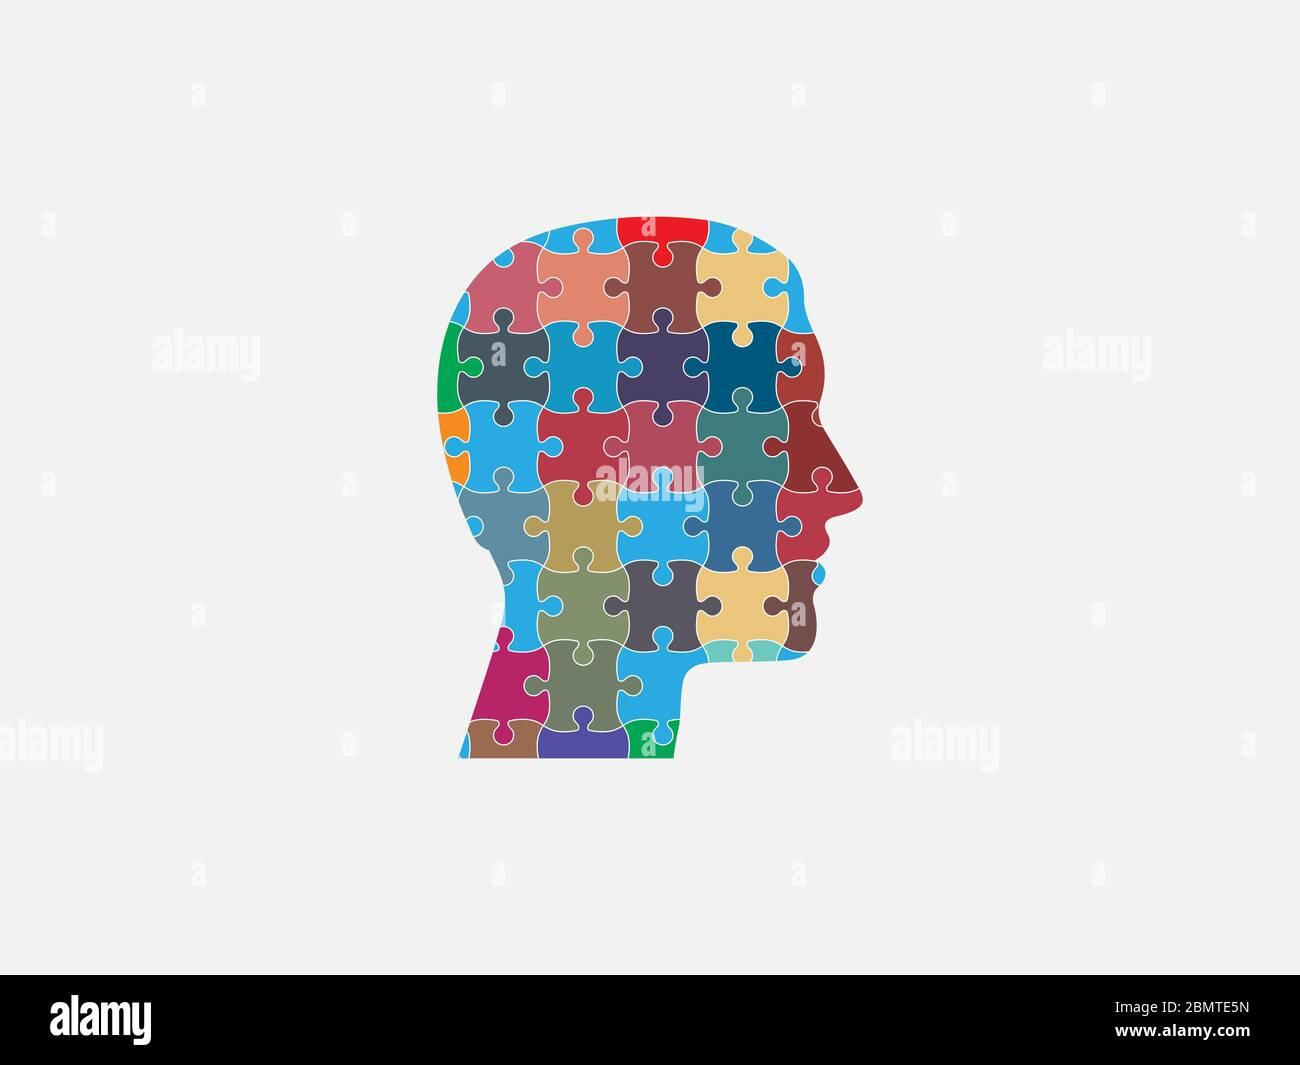 Menschlicher Kopf, Puzzle-Symbol. Vektorgrafik, flaches Design. Stock Vektor